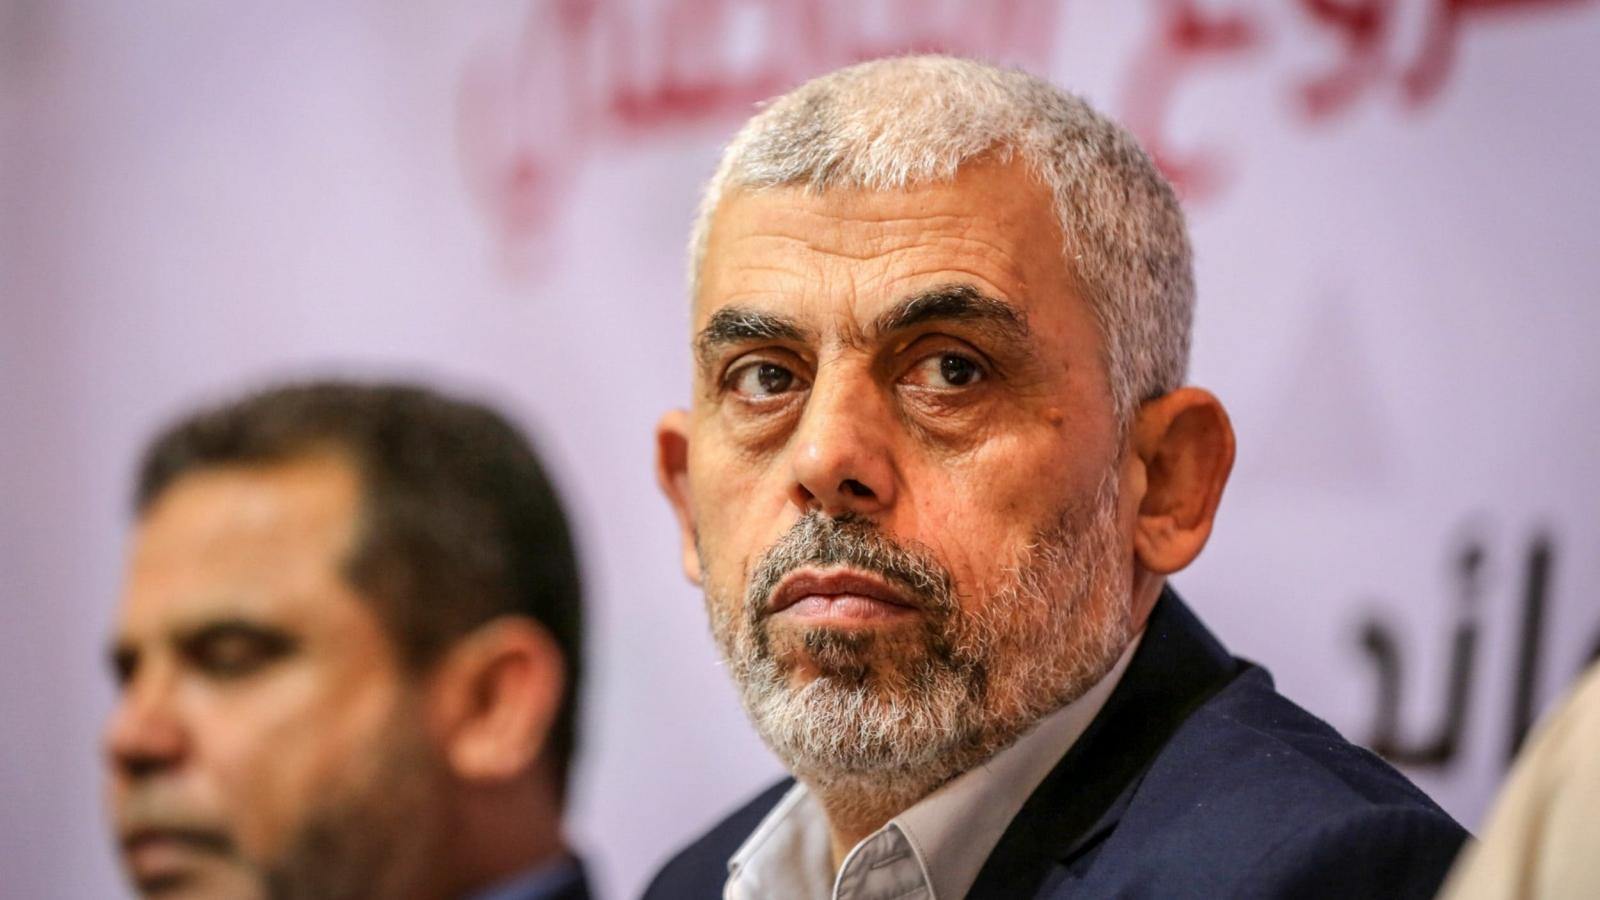 """Đội ngũ lãnh đạo của Hamas sẵn sàng trút """"lửa giận"""" lên Israel, họ là ai?"""